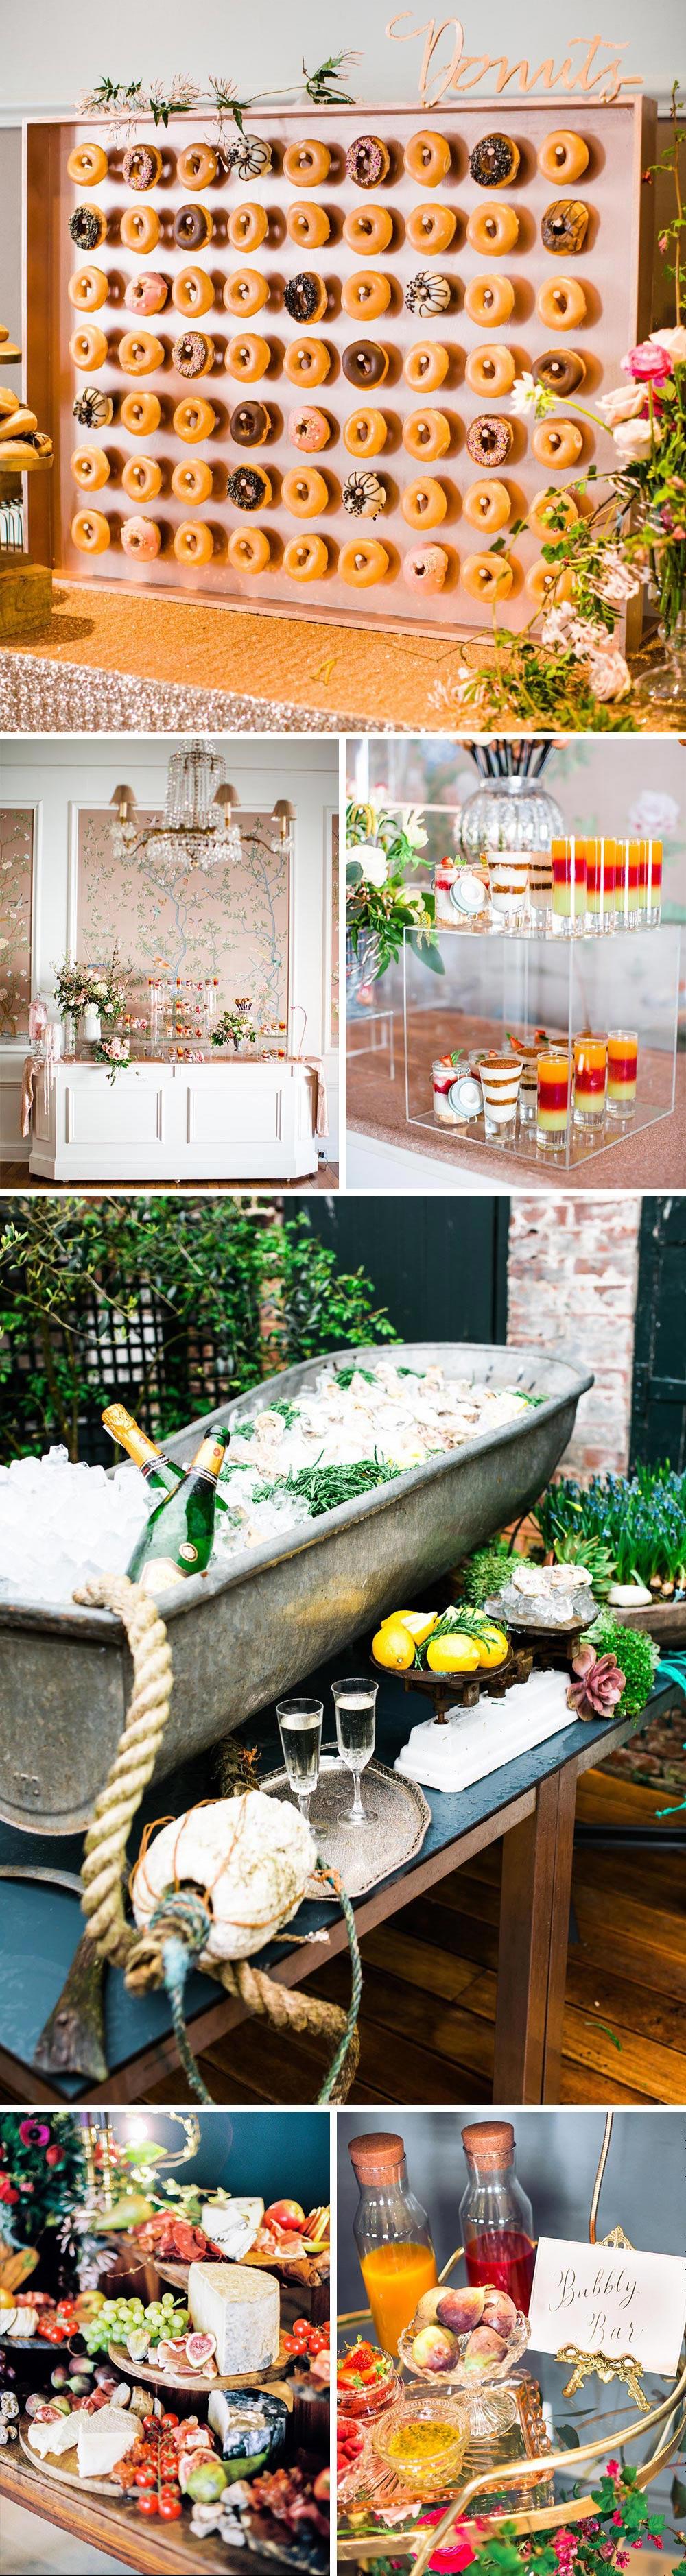 Barra de alimentos - Ideas inusuales de catering para boda.